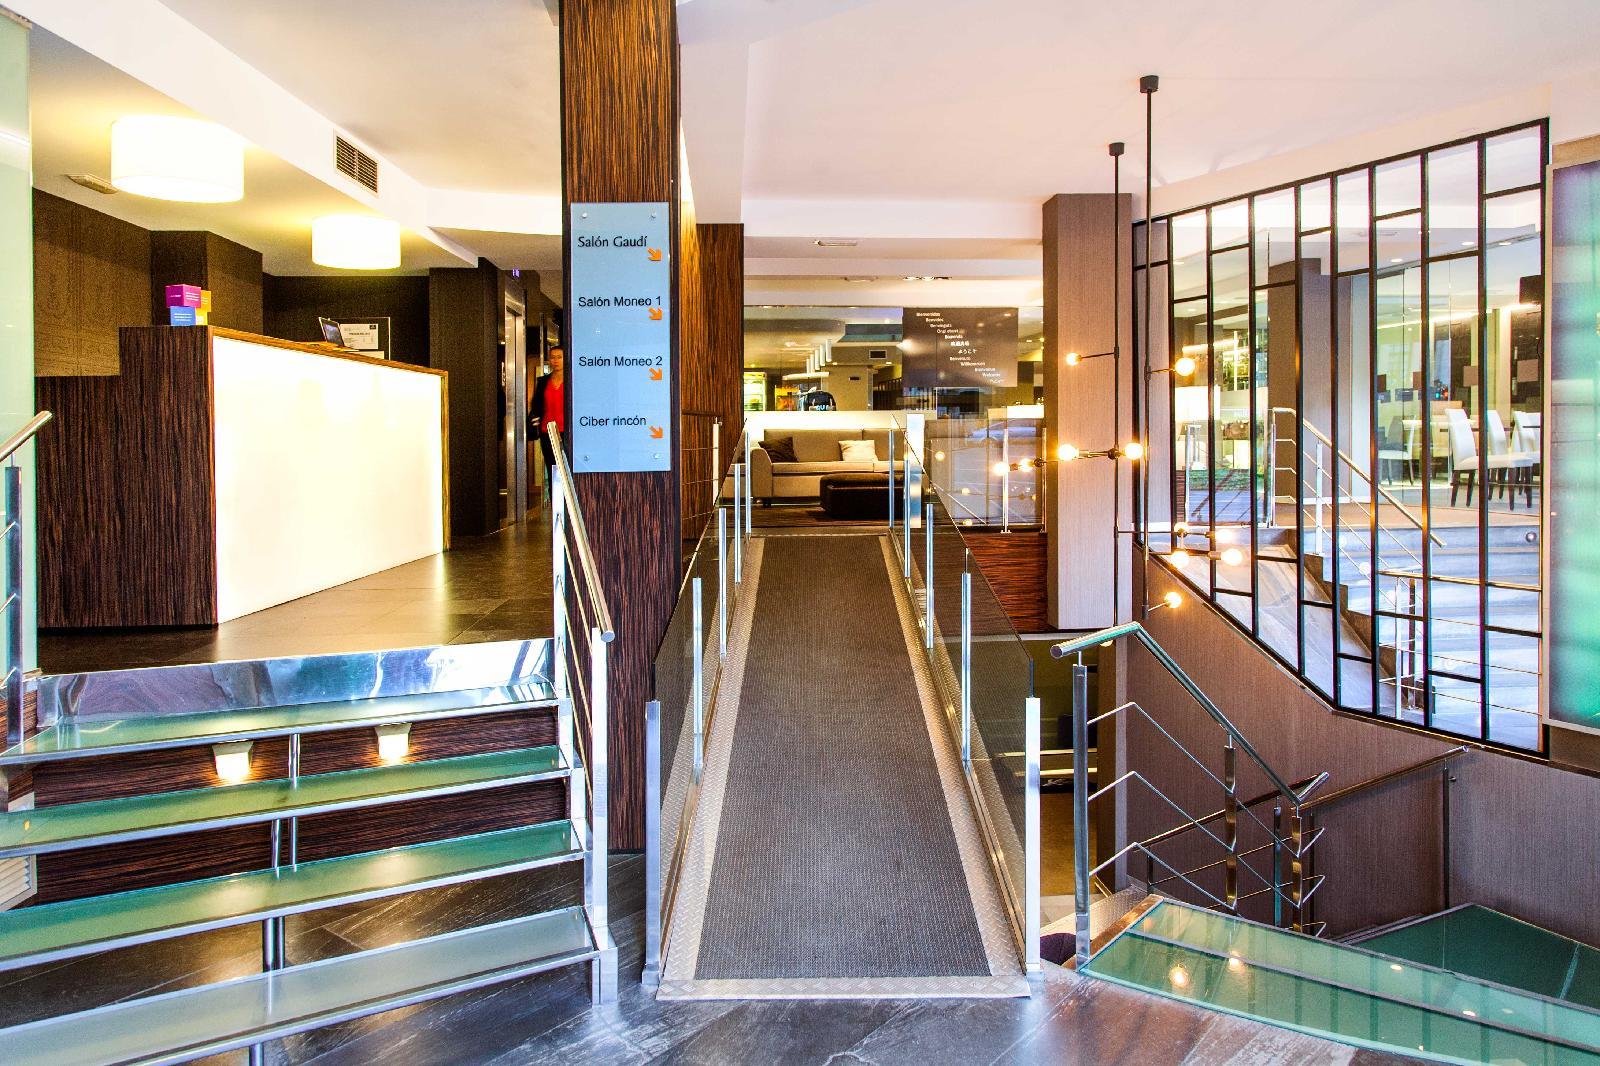 3. Hotel Plaza